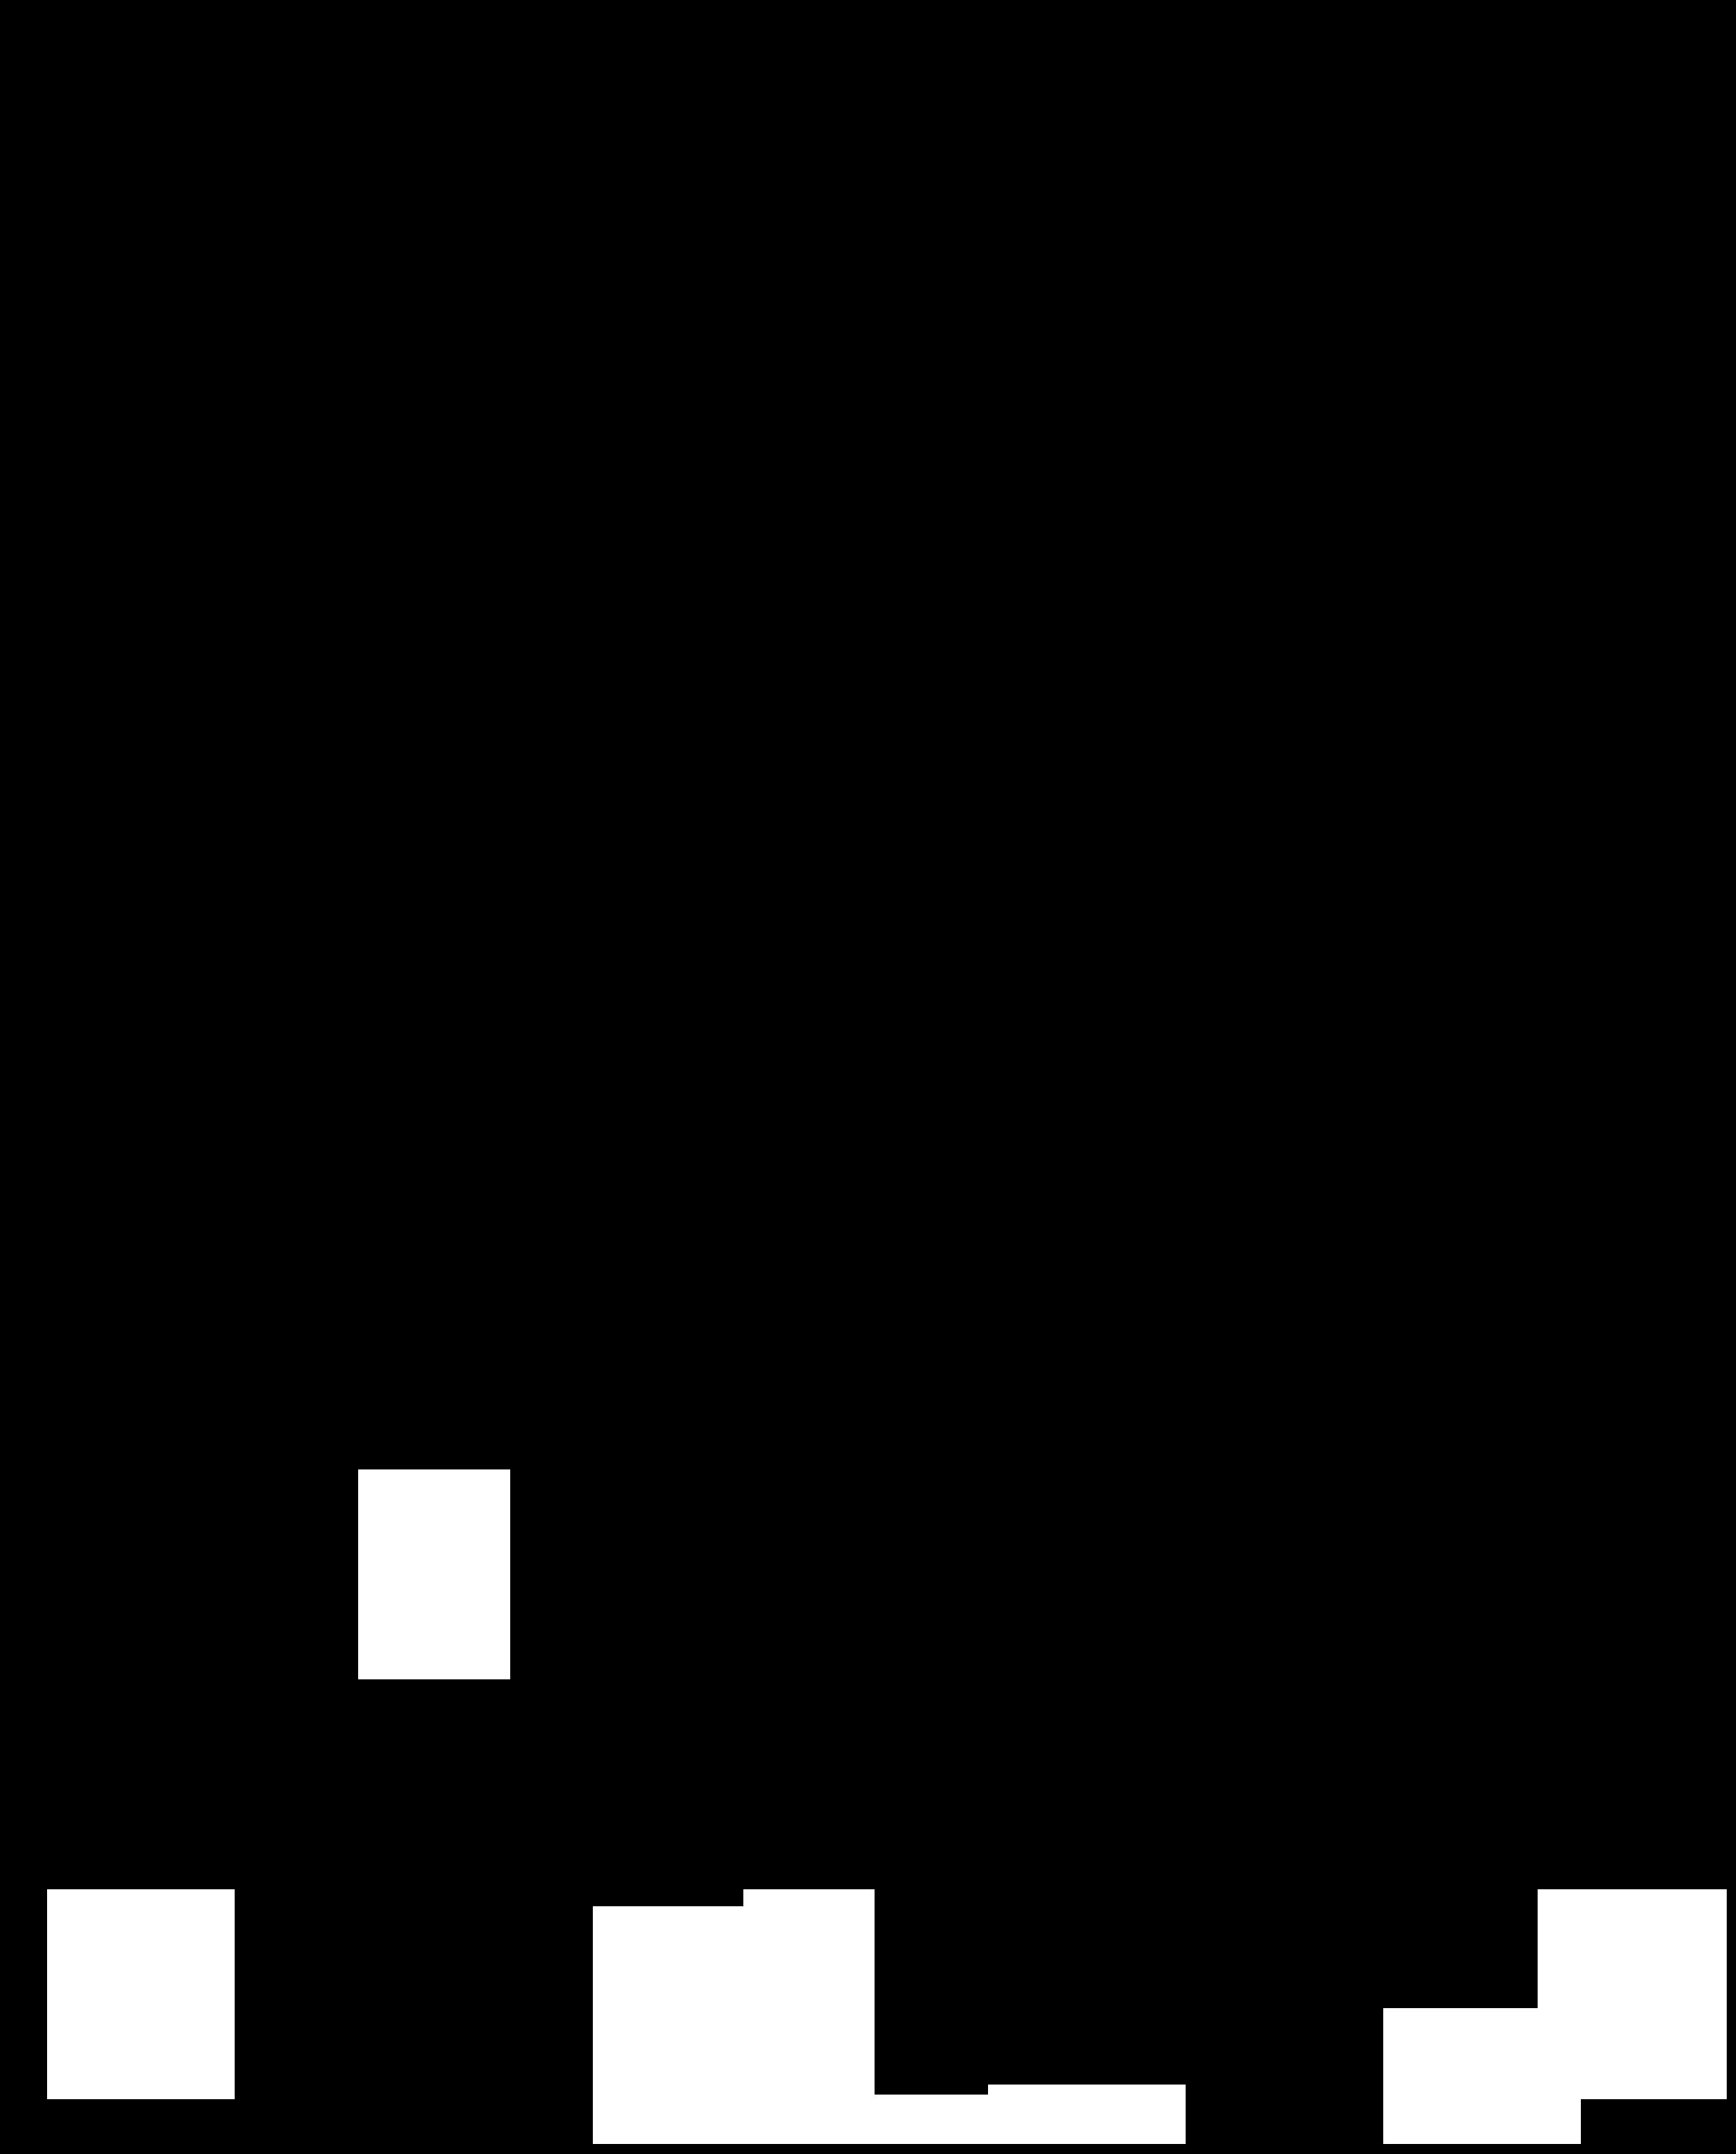 TRON Firebird Lineart By Rachaelm5 On DeviantArt